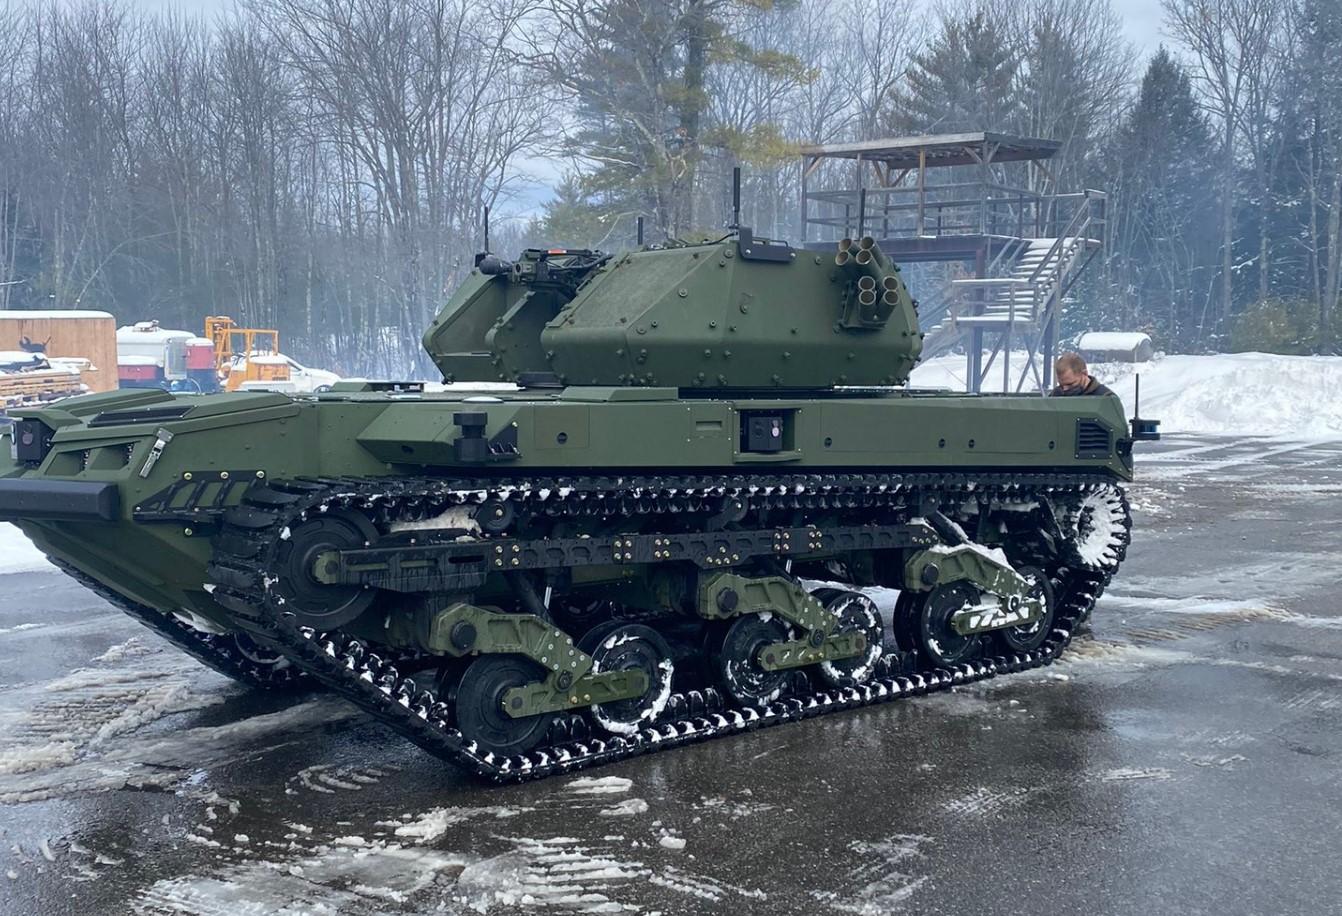 Армія США отримала четвертрого робота Ripsaw M5